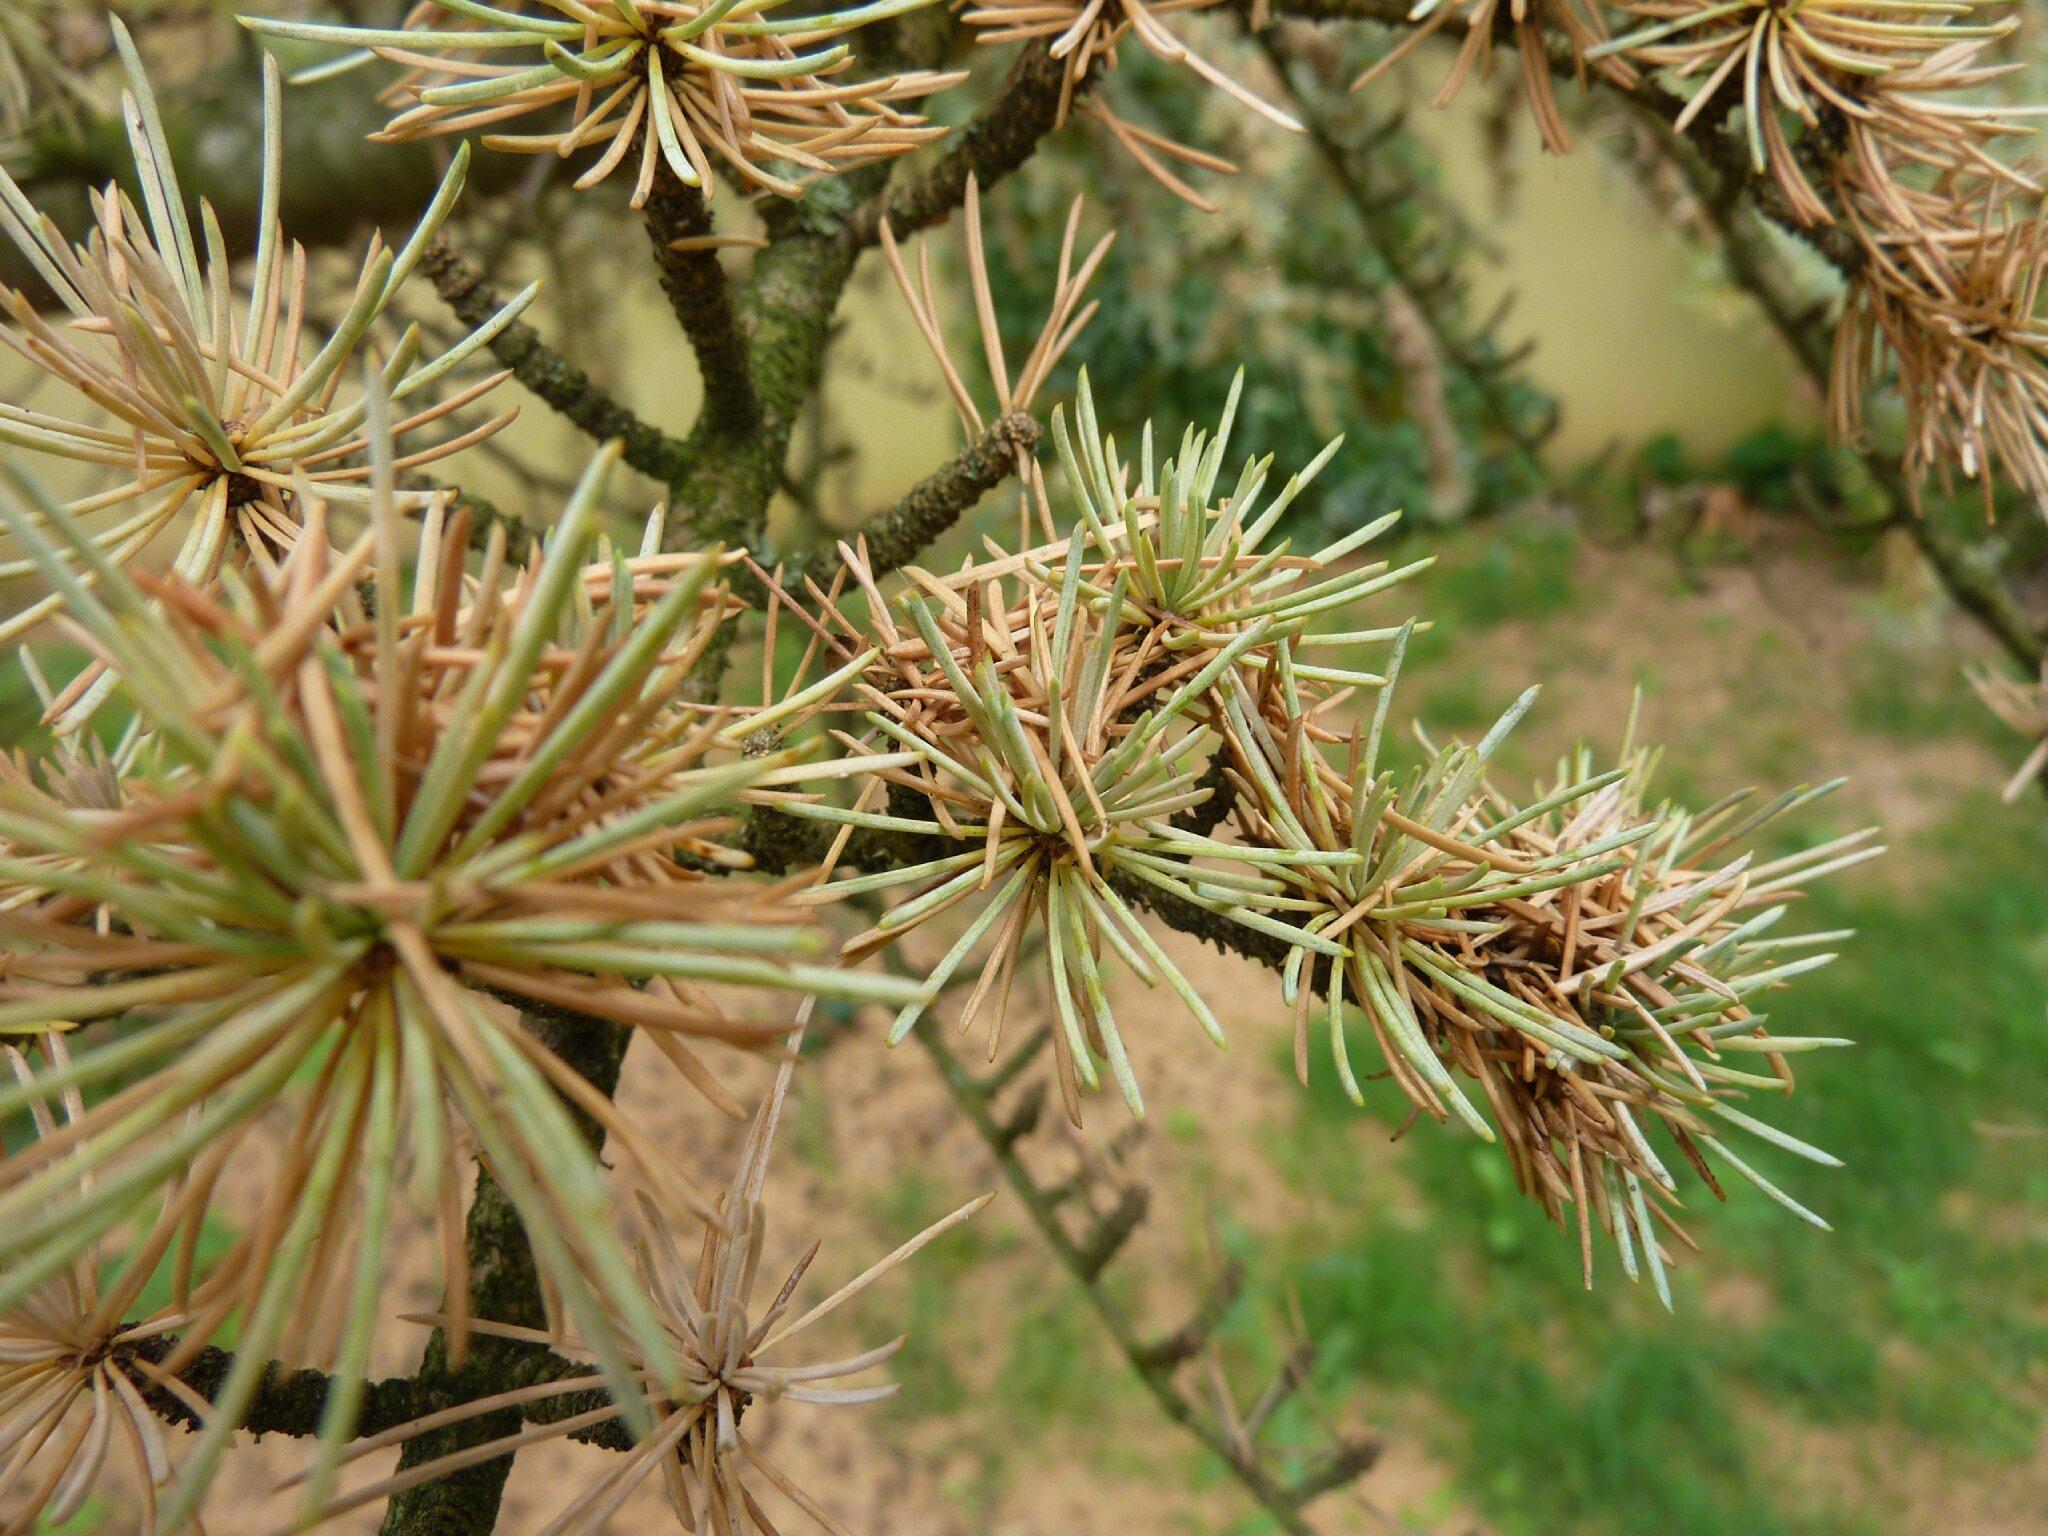 redoutable champignon - le jardin par passion